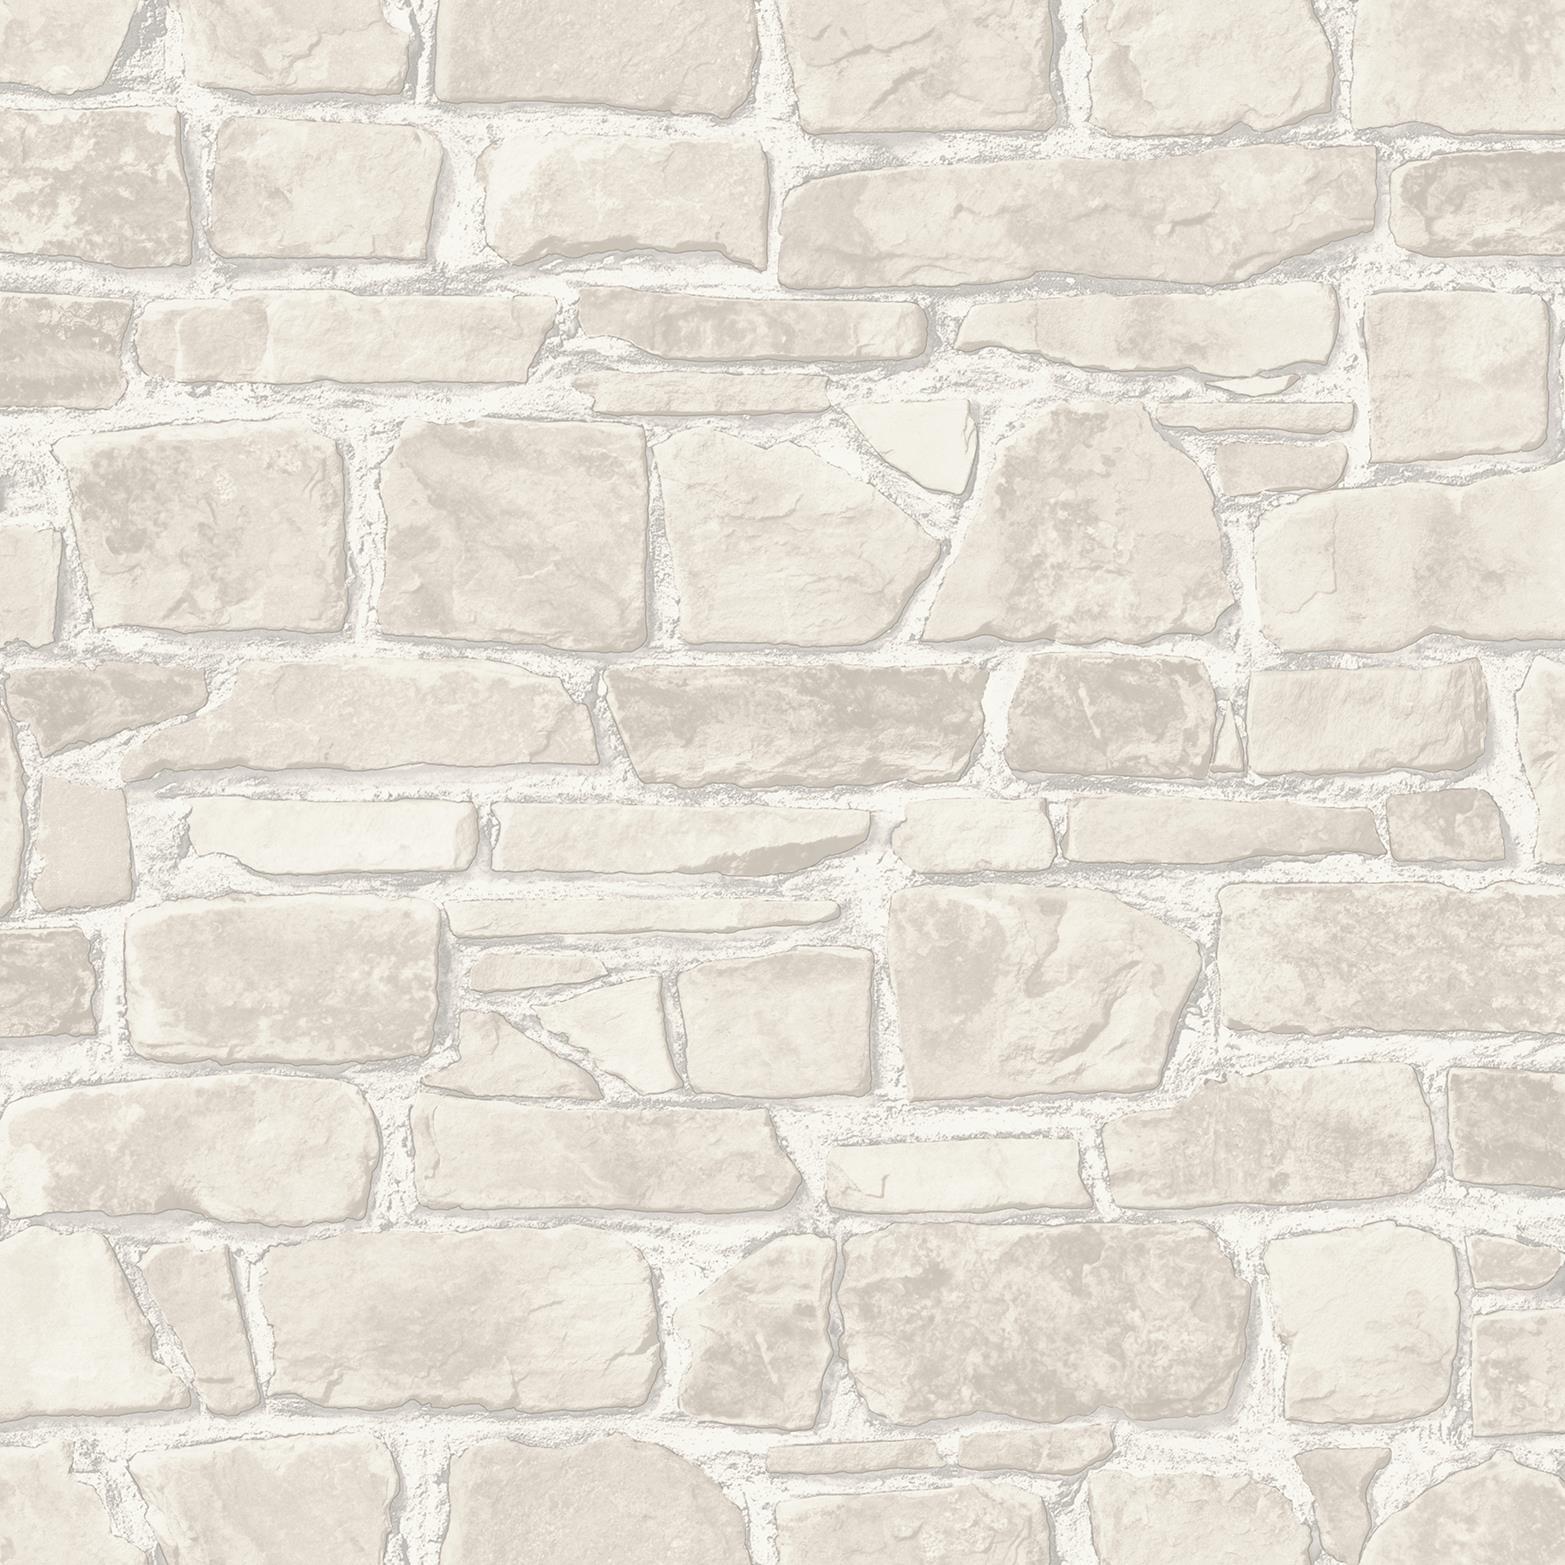 265613 Rasch Stone Effect Red Wallpaper